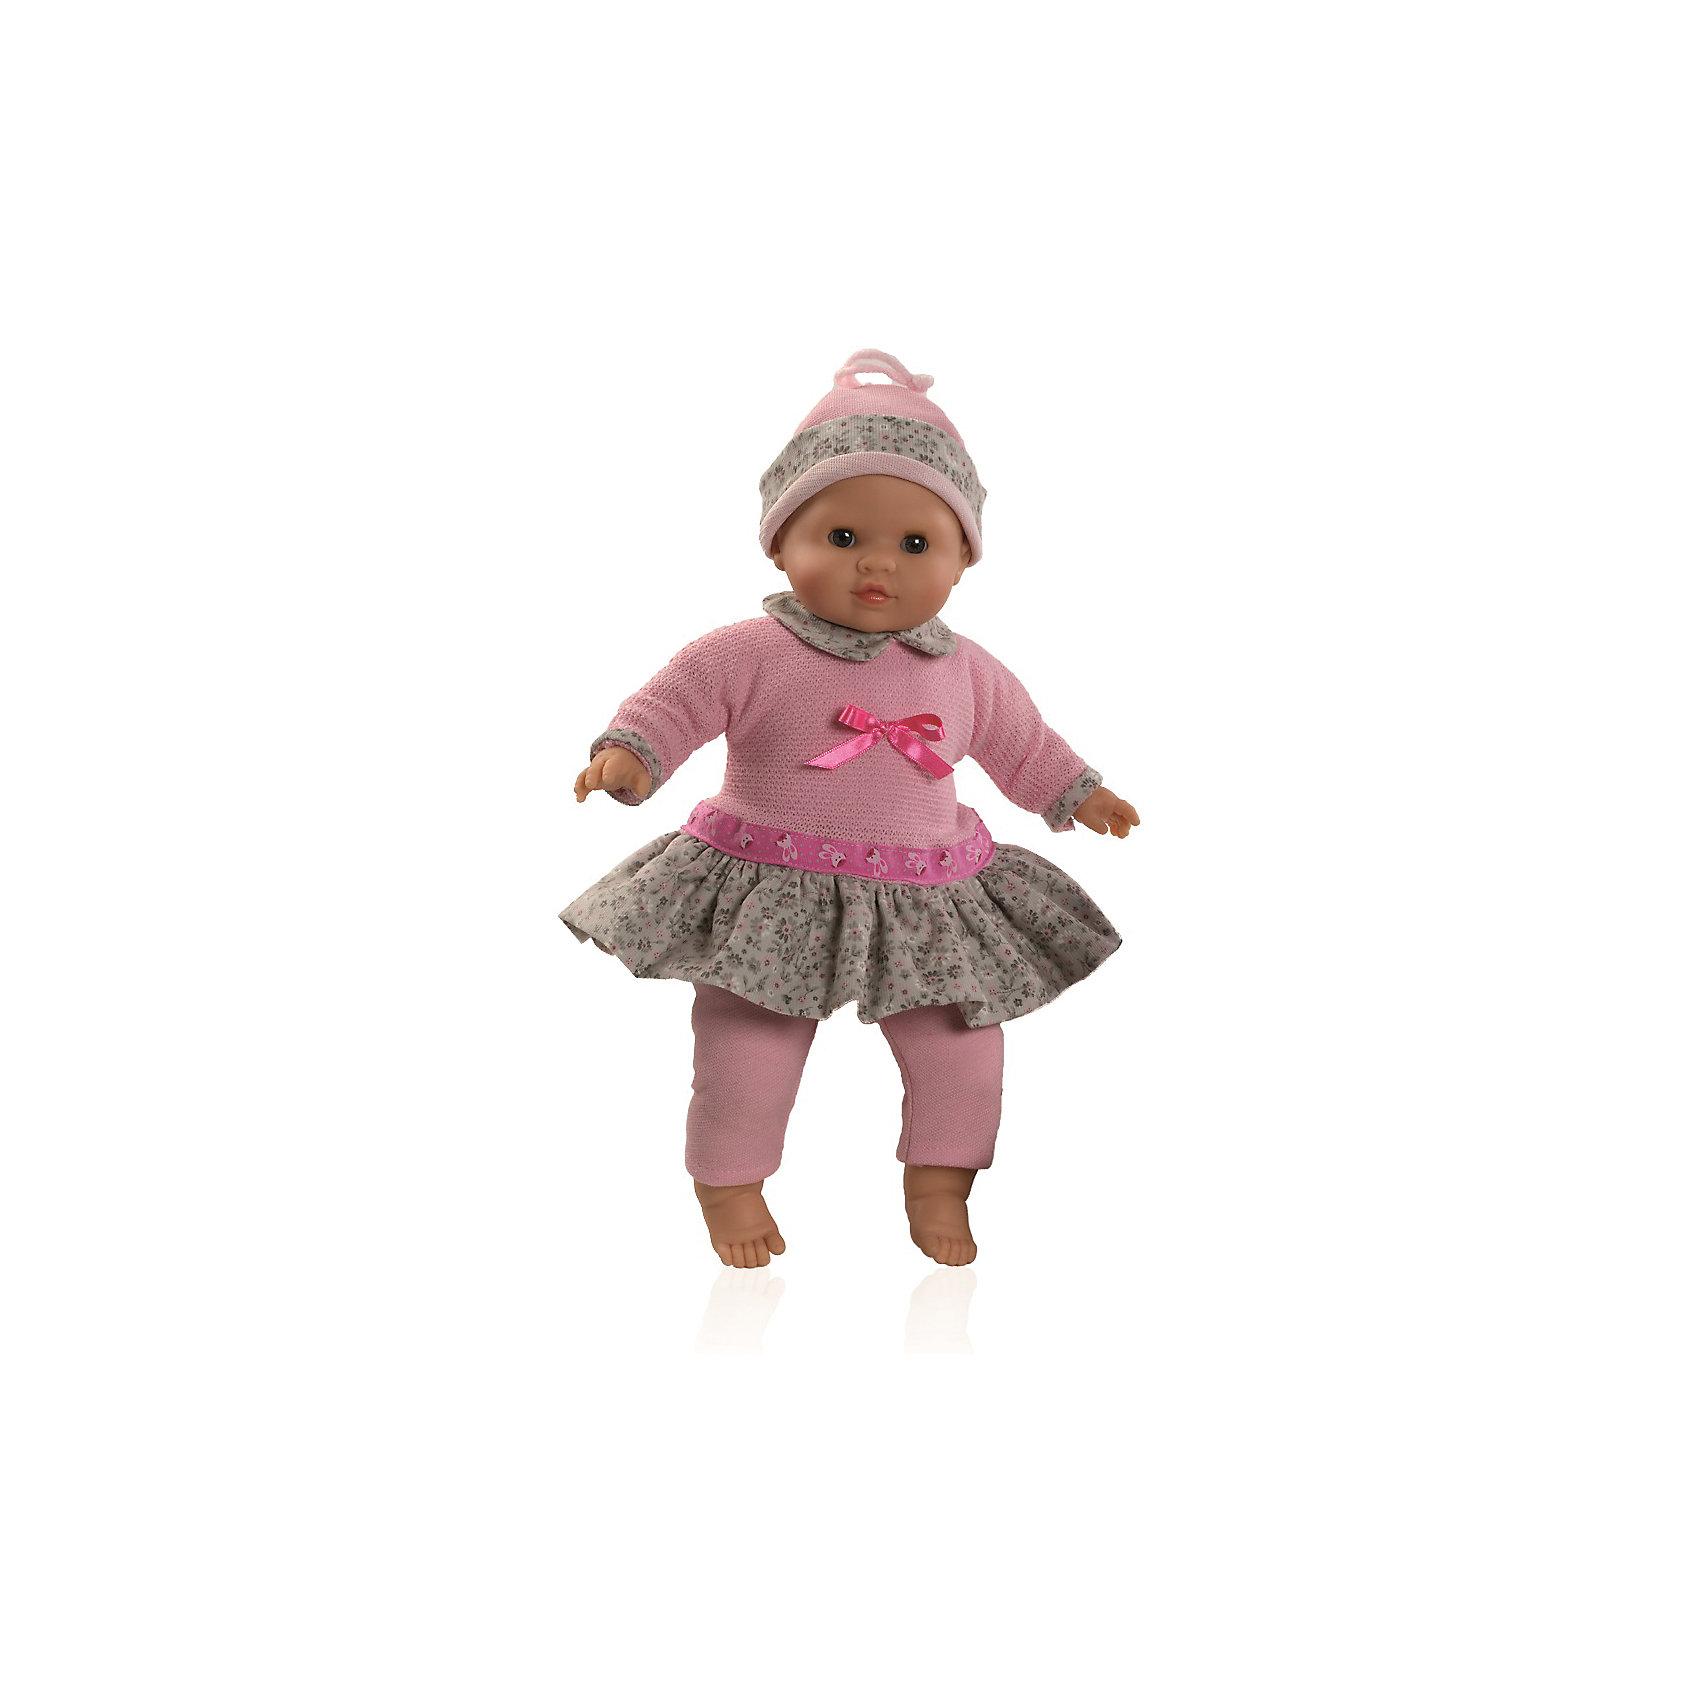 Кукла Эми, 36 см, Paola ReinaКлассические куклы<br>Малышка Эми так похожа на настоящего младенца, что ее хочется тут же взять на руки и укачать! Куколка одета в нежно-розовое платье с пышной юбкой с цветочным принтом, декорированное милым бантиком. На голове у Эми очаровательная шапочка в тон платью, на ногах - розовые леггинсы. Складочки на ручках и ножках придают куколке еще больше реалистичности. На голове у нее рельефная поверхность, имитирующая волосы. Куклы Паола Рейна с мягконабивным телом, имеют нежный ванильный аромат, одеты в модную яркую одежду с аксессуарами. Выразительная мимика, уникальный и неповторимый дизайн лица и тела, делают эти игрушки запоминающимися, уникальными и самыми любимыми. Куклы изготовлены из высококачественных материалов, абсолютно безопасных для детей. <br><br>Дополнительная информация:<br><br>- Материалы: кукла изготовлена из винила и текстиля; глаза выполнены в виде кристалла из прозрачного твердого пластика; одежда - текстиль.<br>- Размер: 36 см.<br>- Комплектация: кукла в одежде.<br>- Голова, ручки, ножки куклы подвижные.<br>- Мягконабивное тело.<br>- Нельзя мыть.<br>- Глаза закрываются.<br><br>Куклу Эми, 36 см, Paola Reina (Паола Рейна), можно купить в нашем магазине.<br><br>Ширина мм: 120<br>Глубина мм: 250<br>Высота мм: 420<br>Вес г: 1000<br>Возраст от месяцев: 36<br>Возраст до месяцев: 144<br>Пол: Женский<br>Возраст: Детский<br>SKU: 4420326